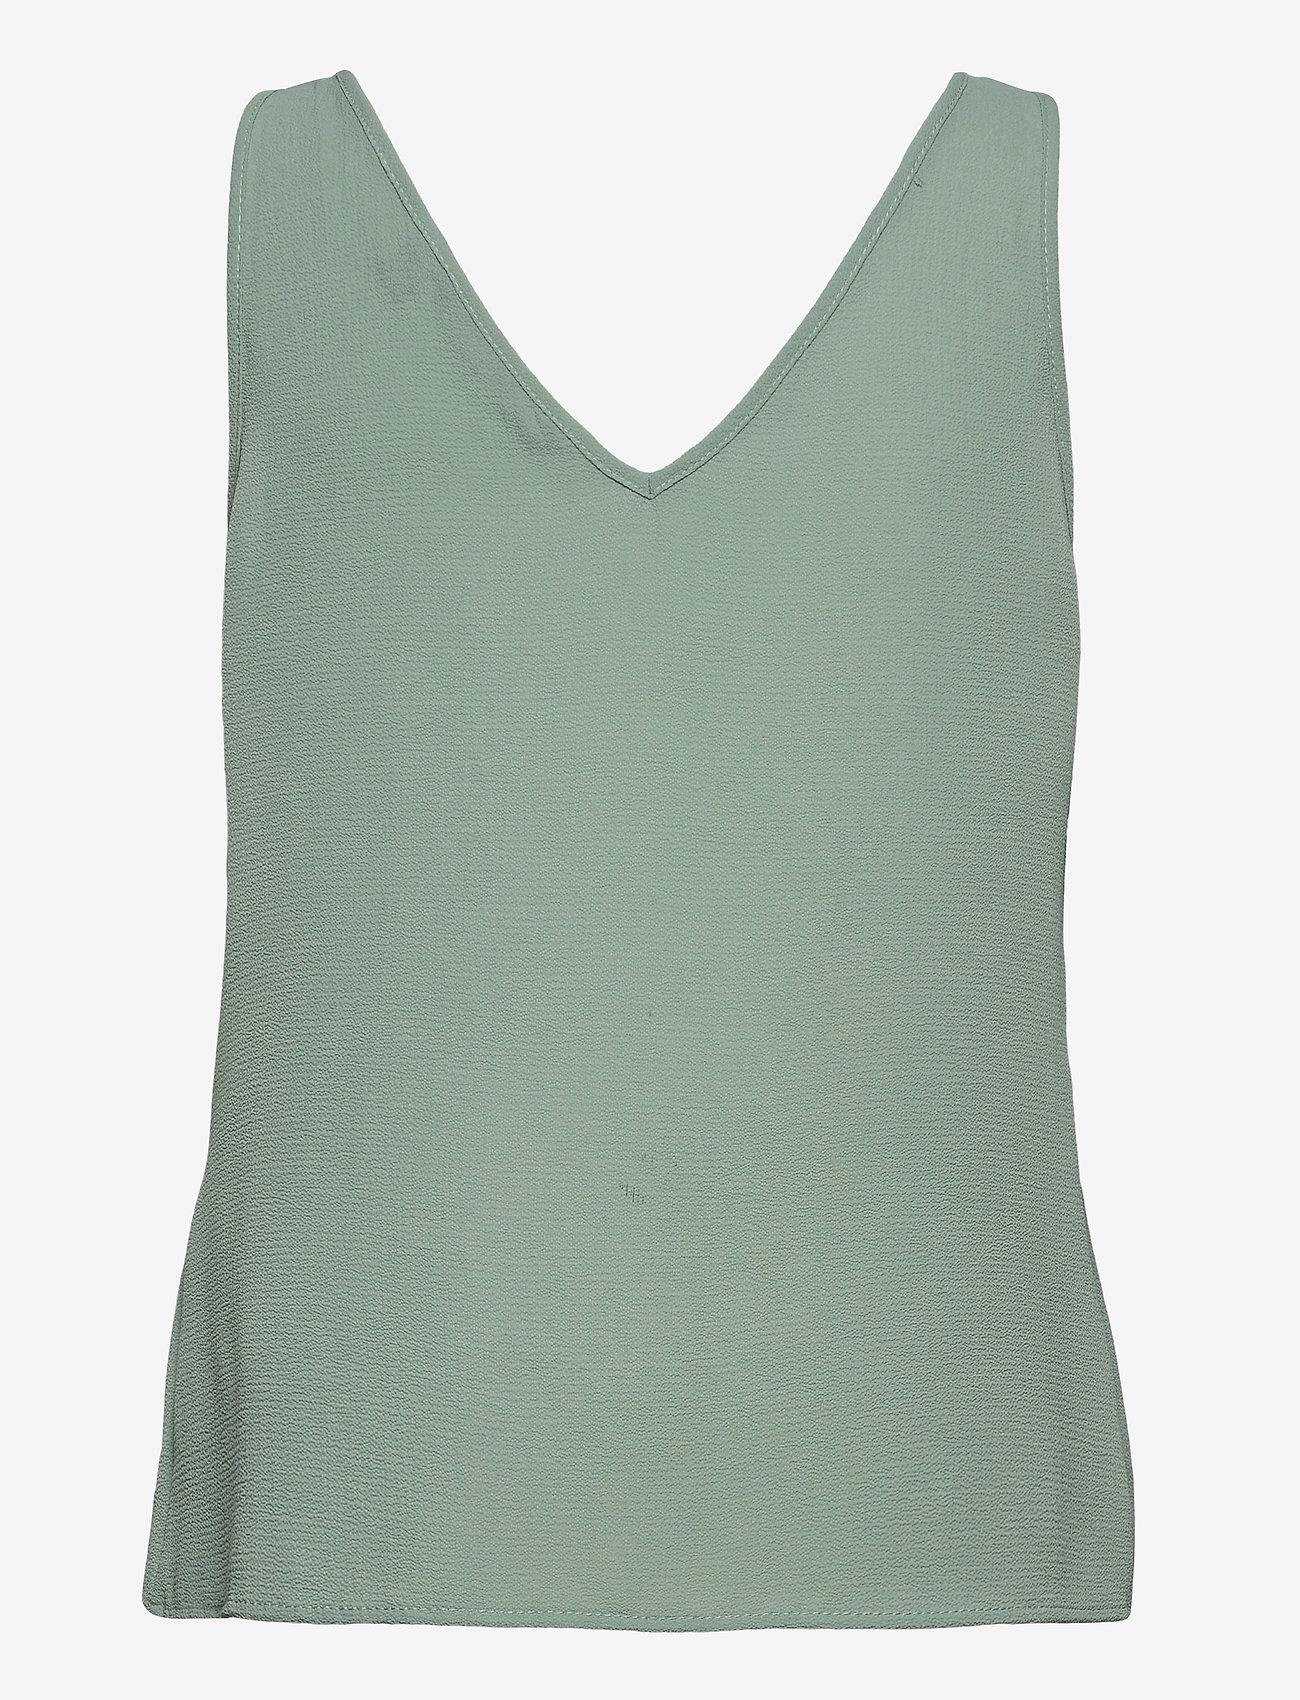 Vero Moda - VMSASHA SL BUTTON TOP COLOR - Ärmlösa blusar - jadeite - 1